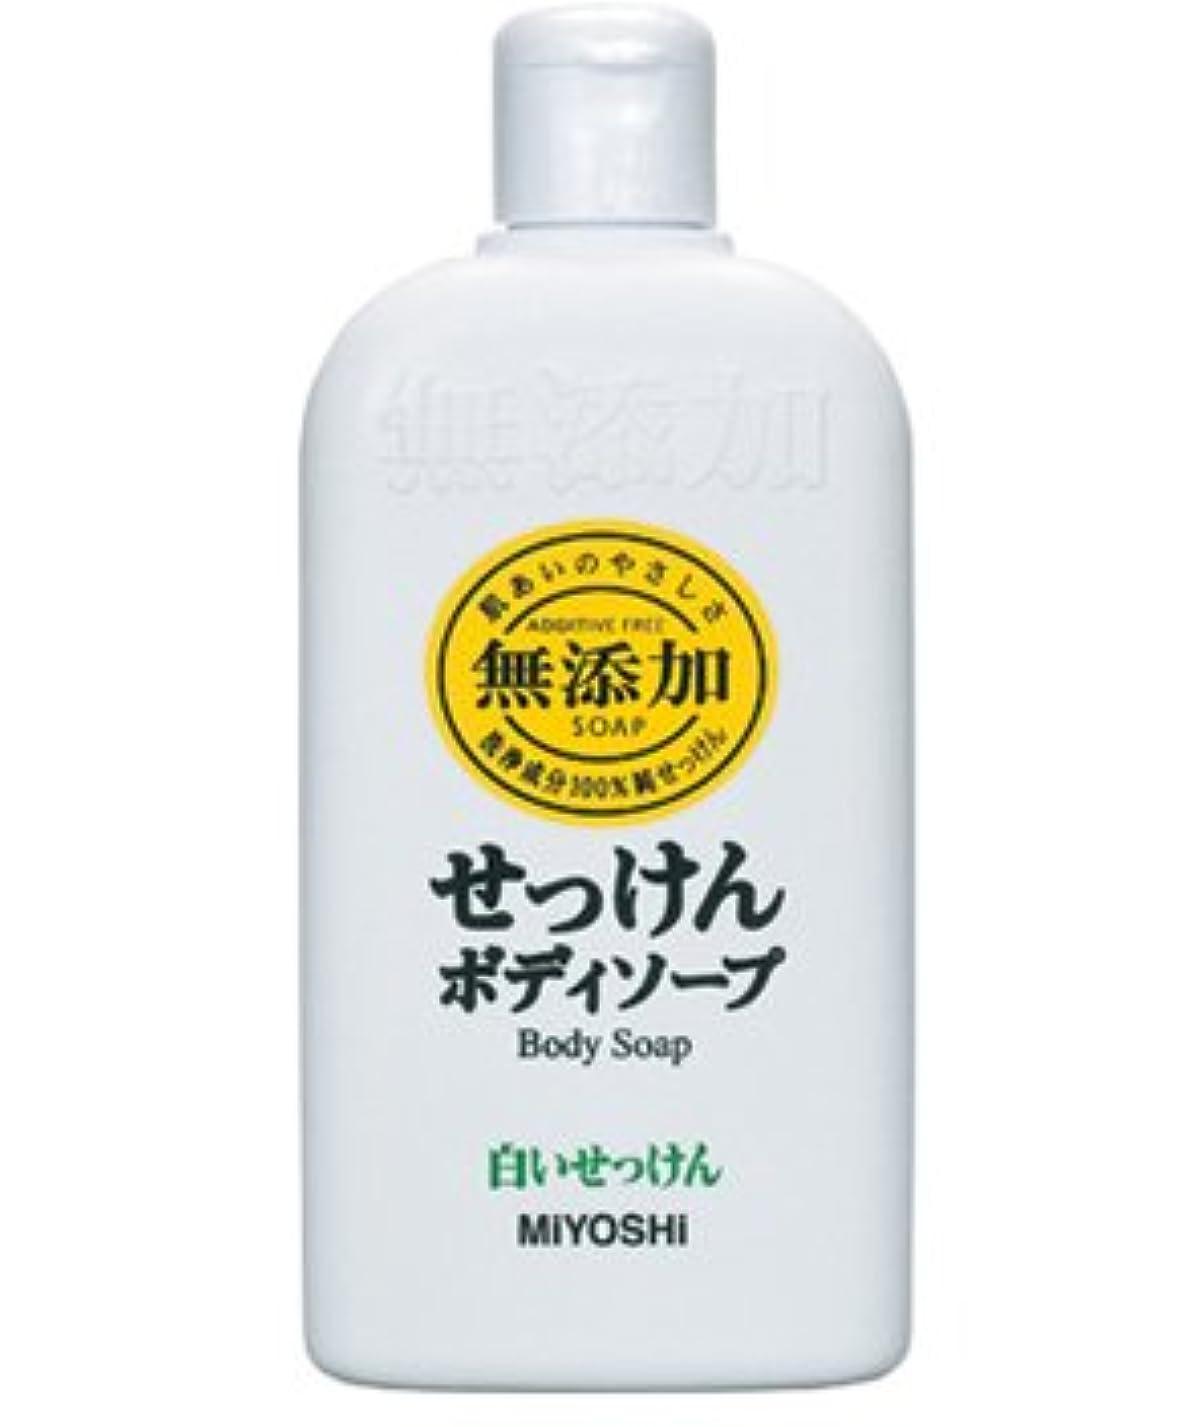 ミヨシ石鹸 無添加 ボディソープ 白い石けん レギュラー 400ml(無添加石鹸)×20点セット (4904551100324)